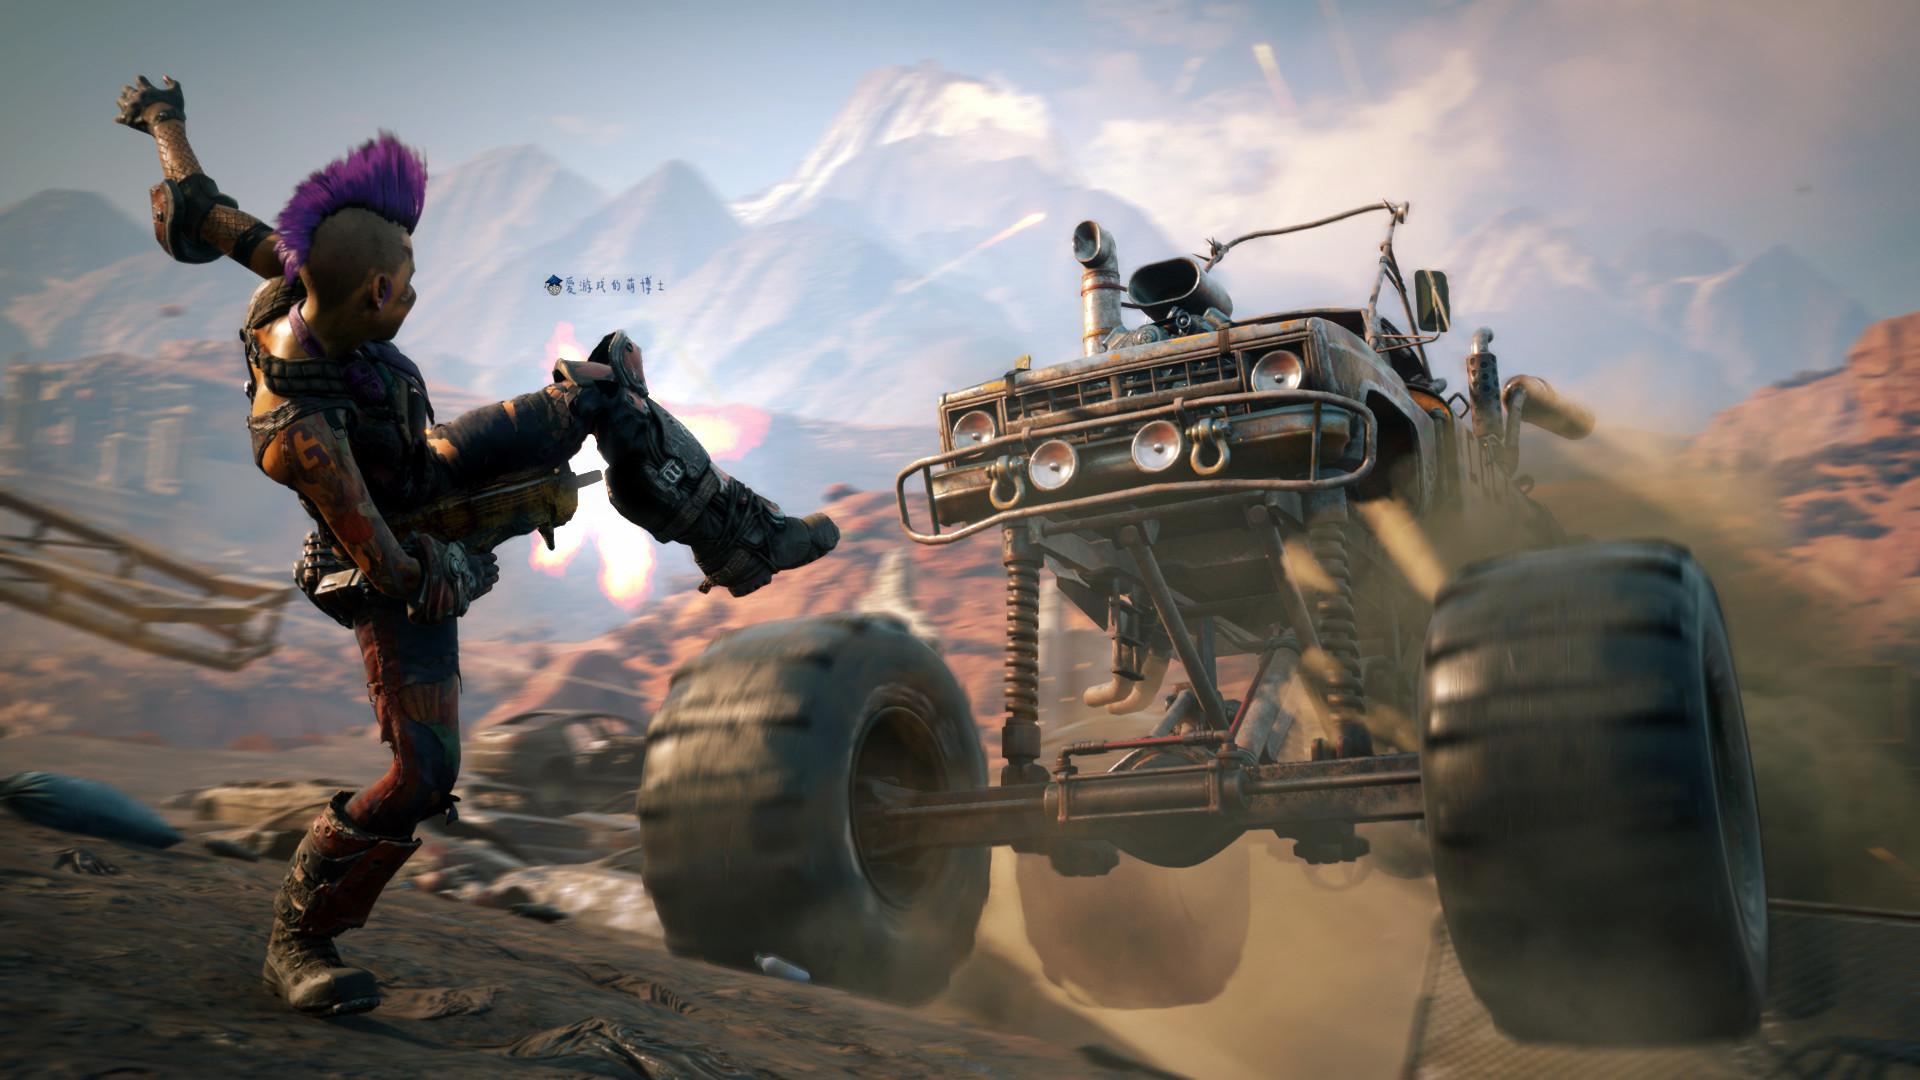 感受朋克风格的末日世界,第一人称射击游戏《狂怒2》试玩